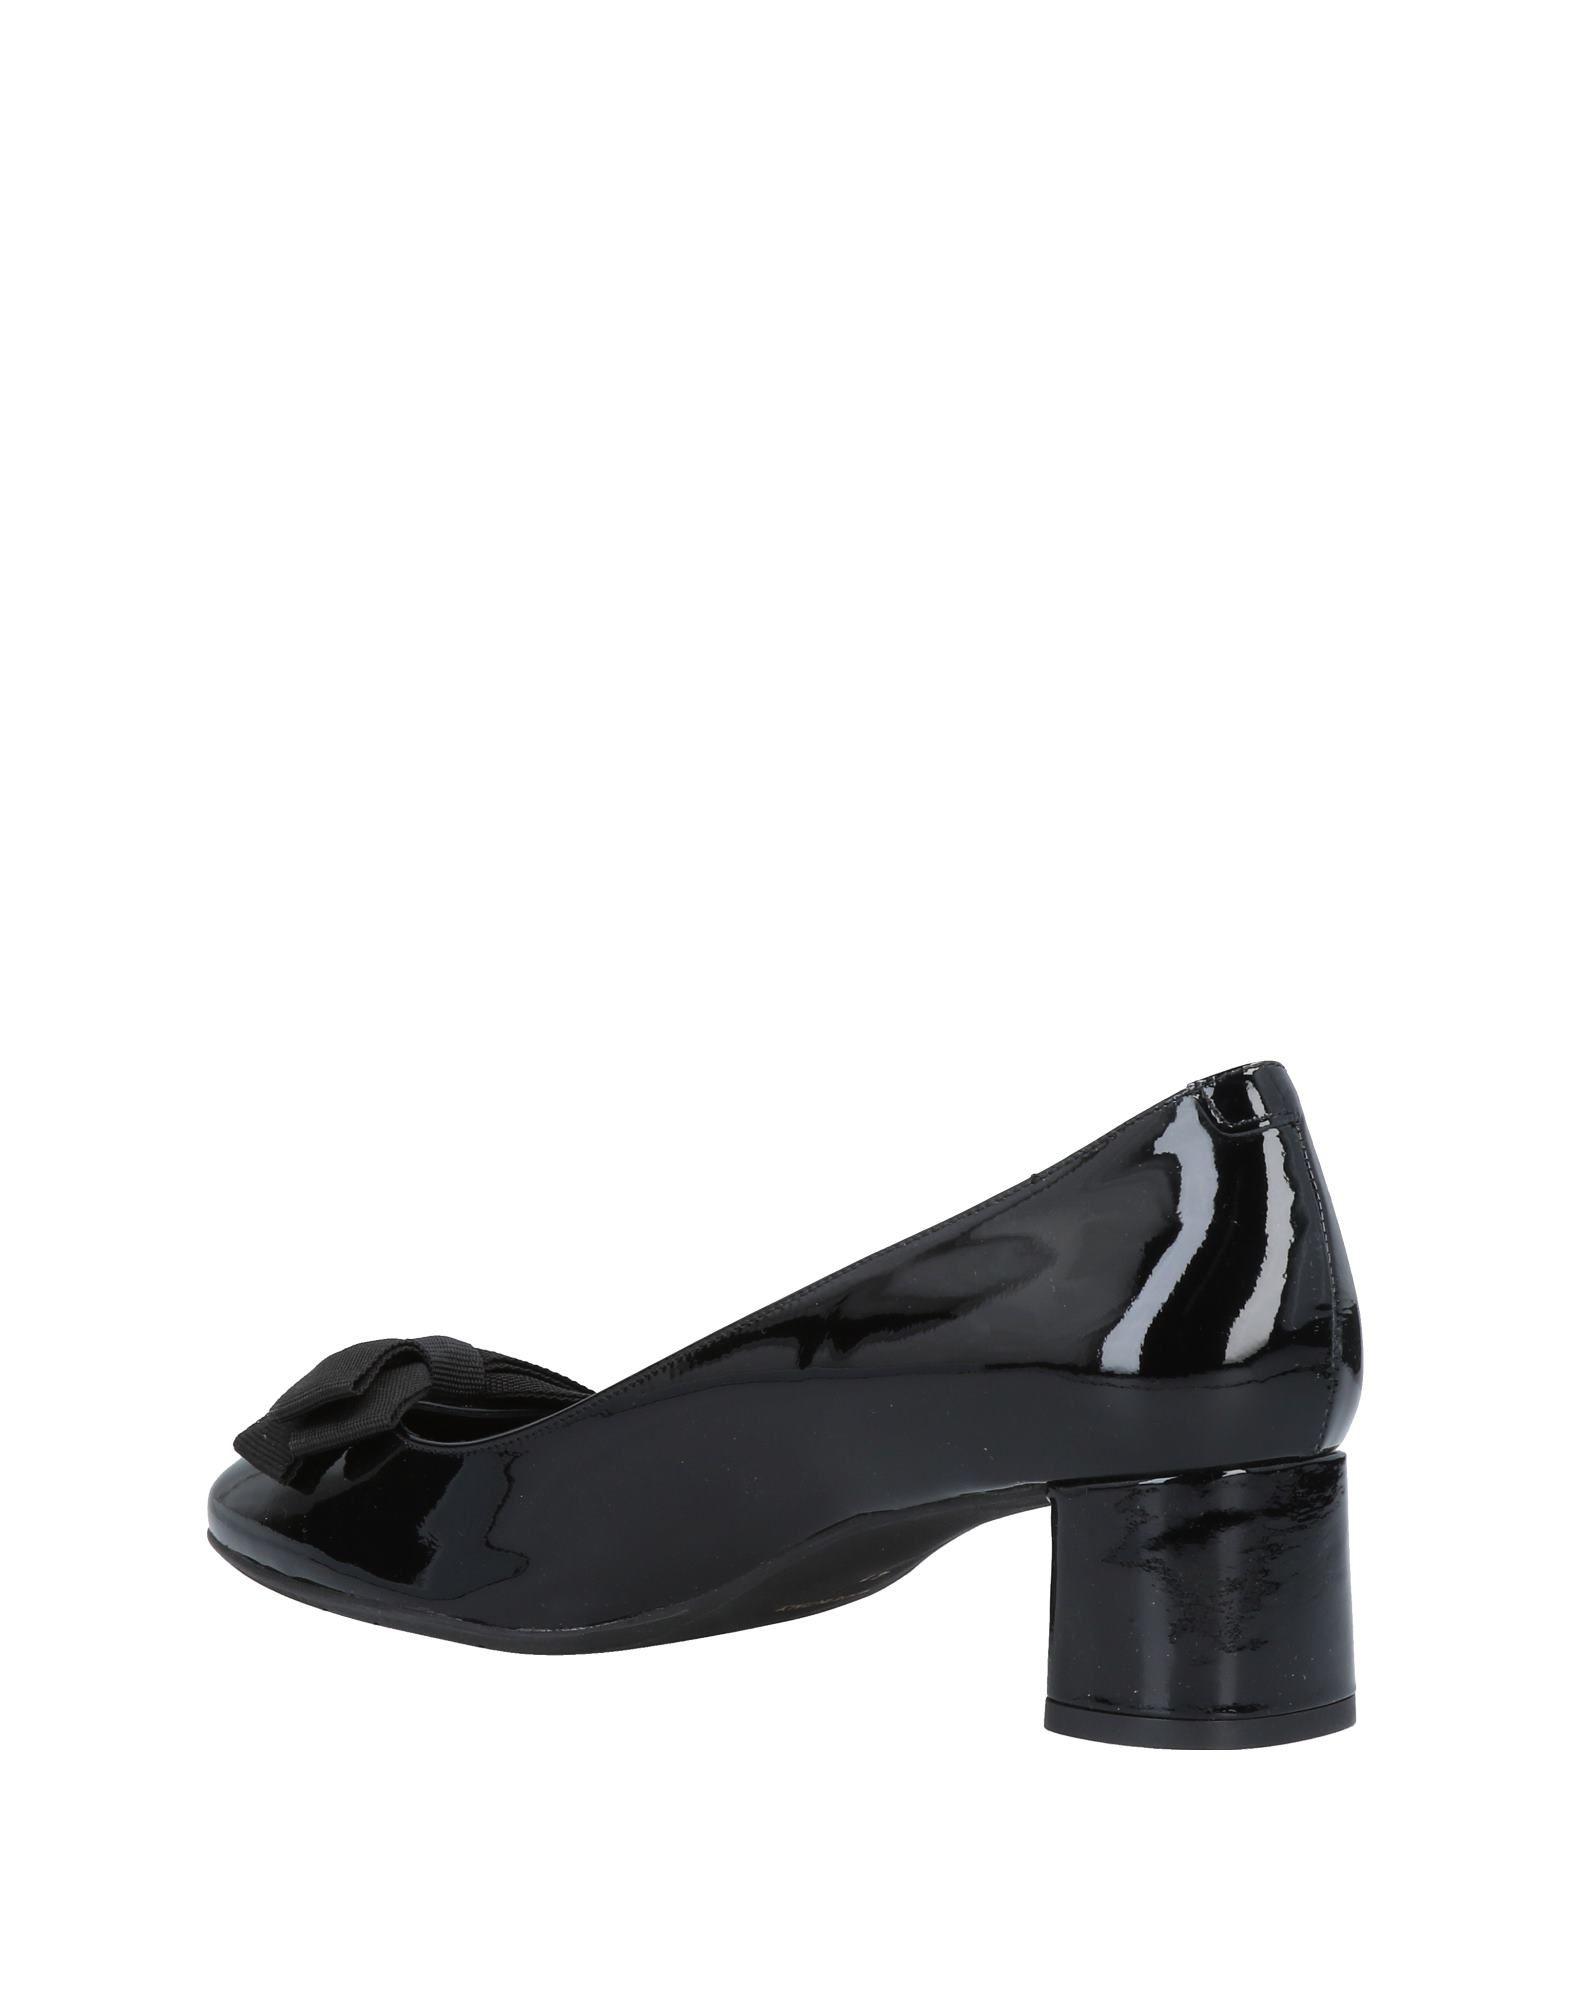 Guglielmo Rotta Pumps Damen  11489311IO Gute Qualität beliebte Schuhe